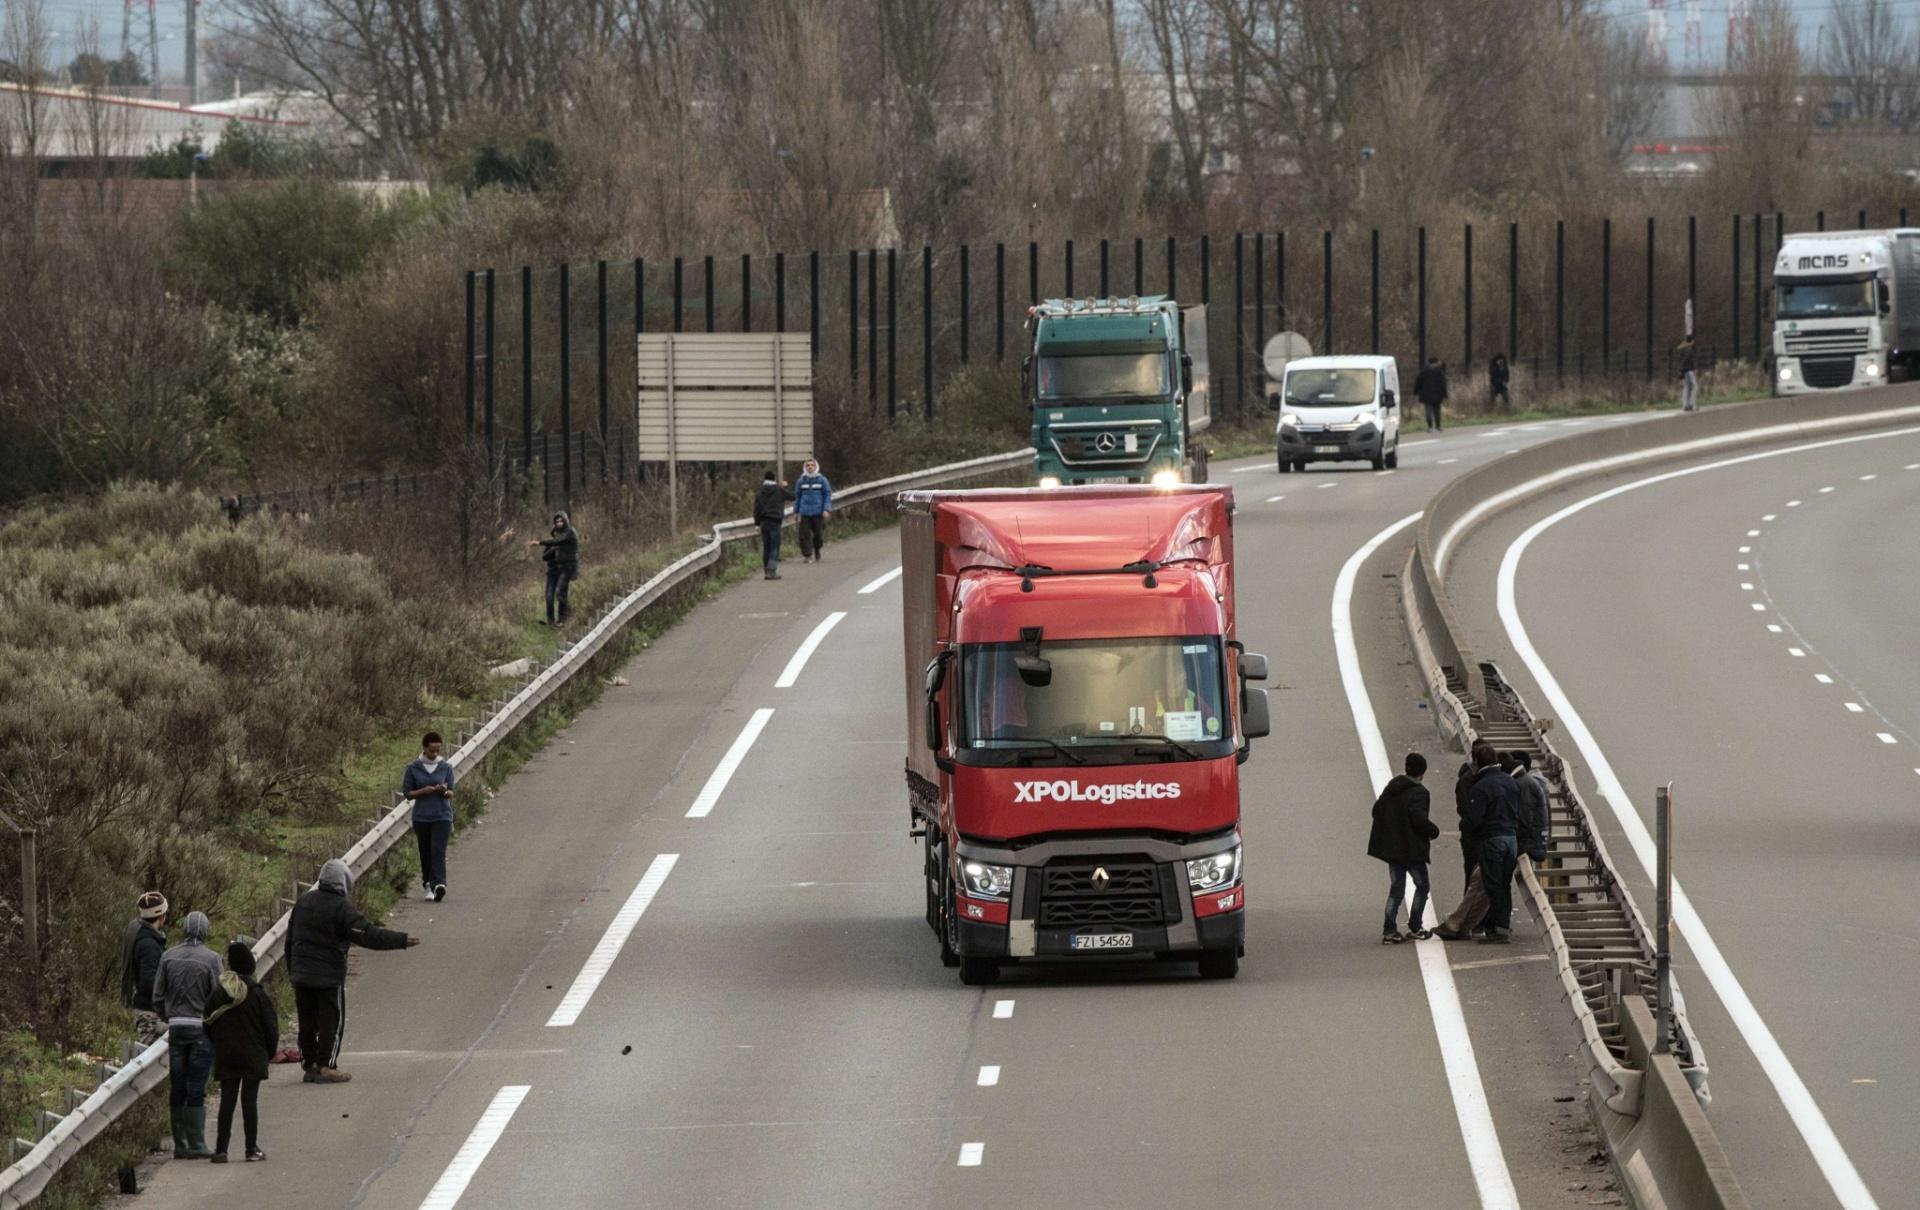 Caminhão em estrada da Europa